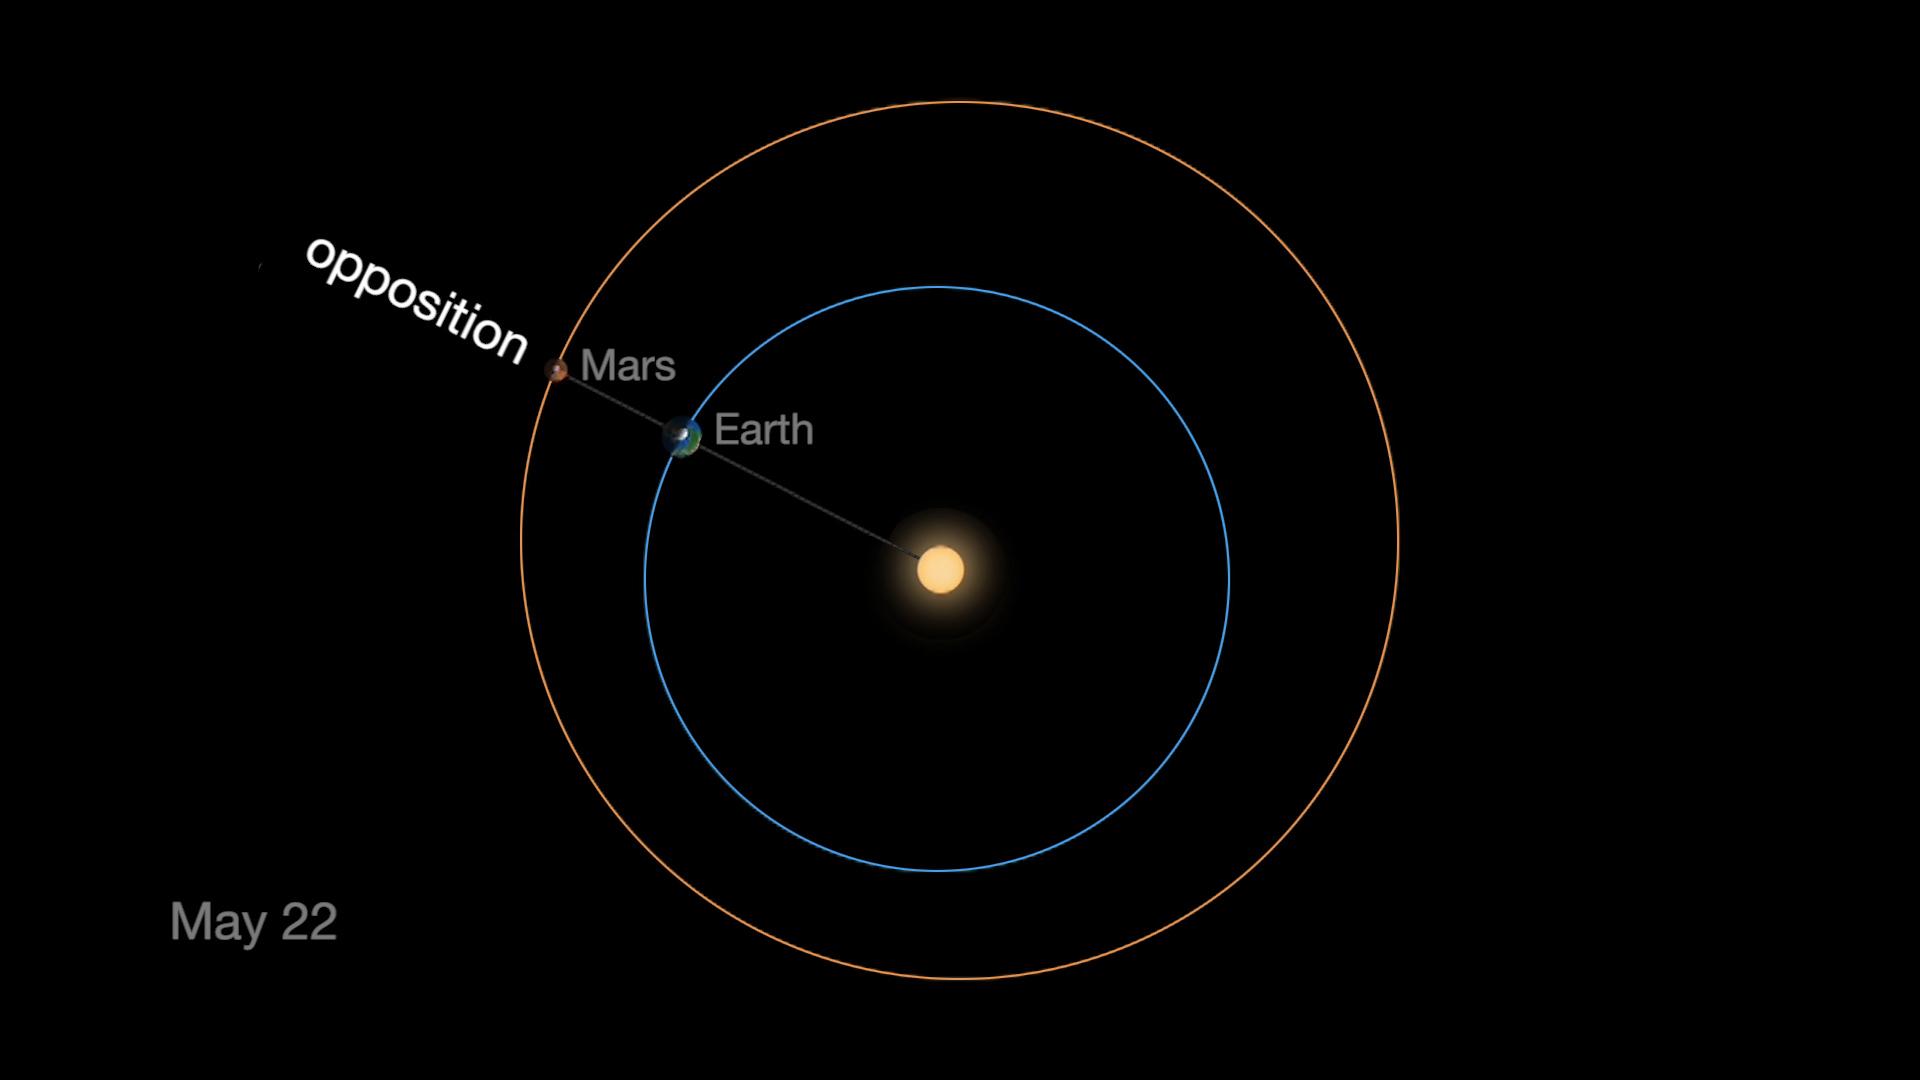 Orbites de la Terre et de Mars (opposition du 22 Mai 2016)